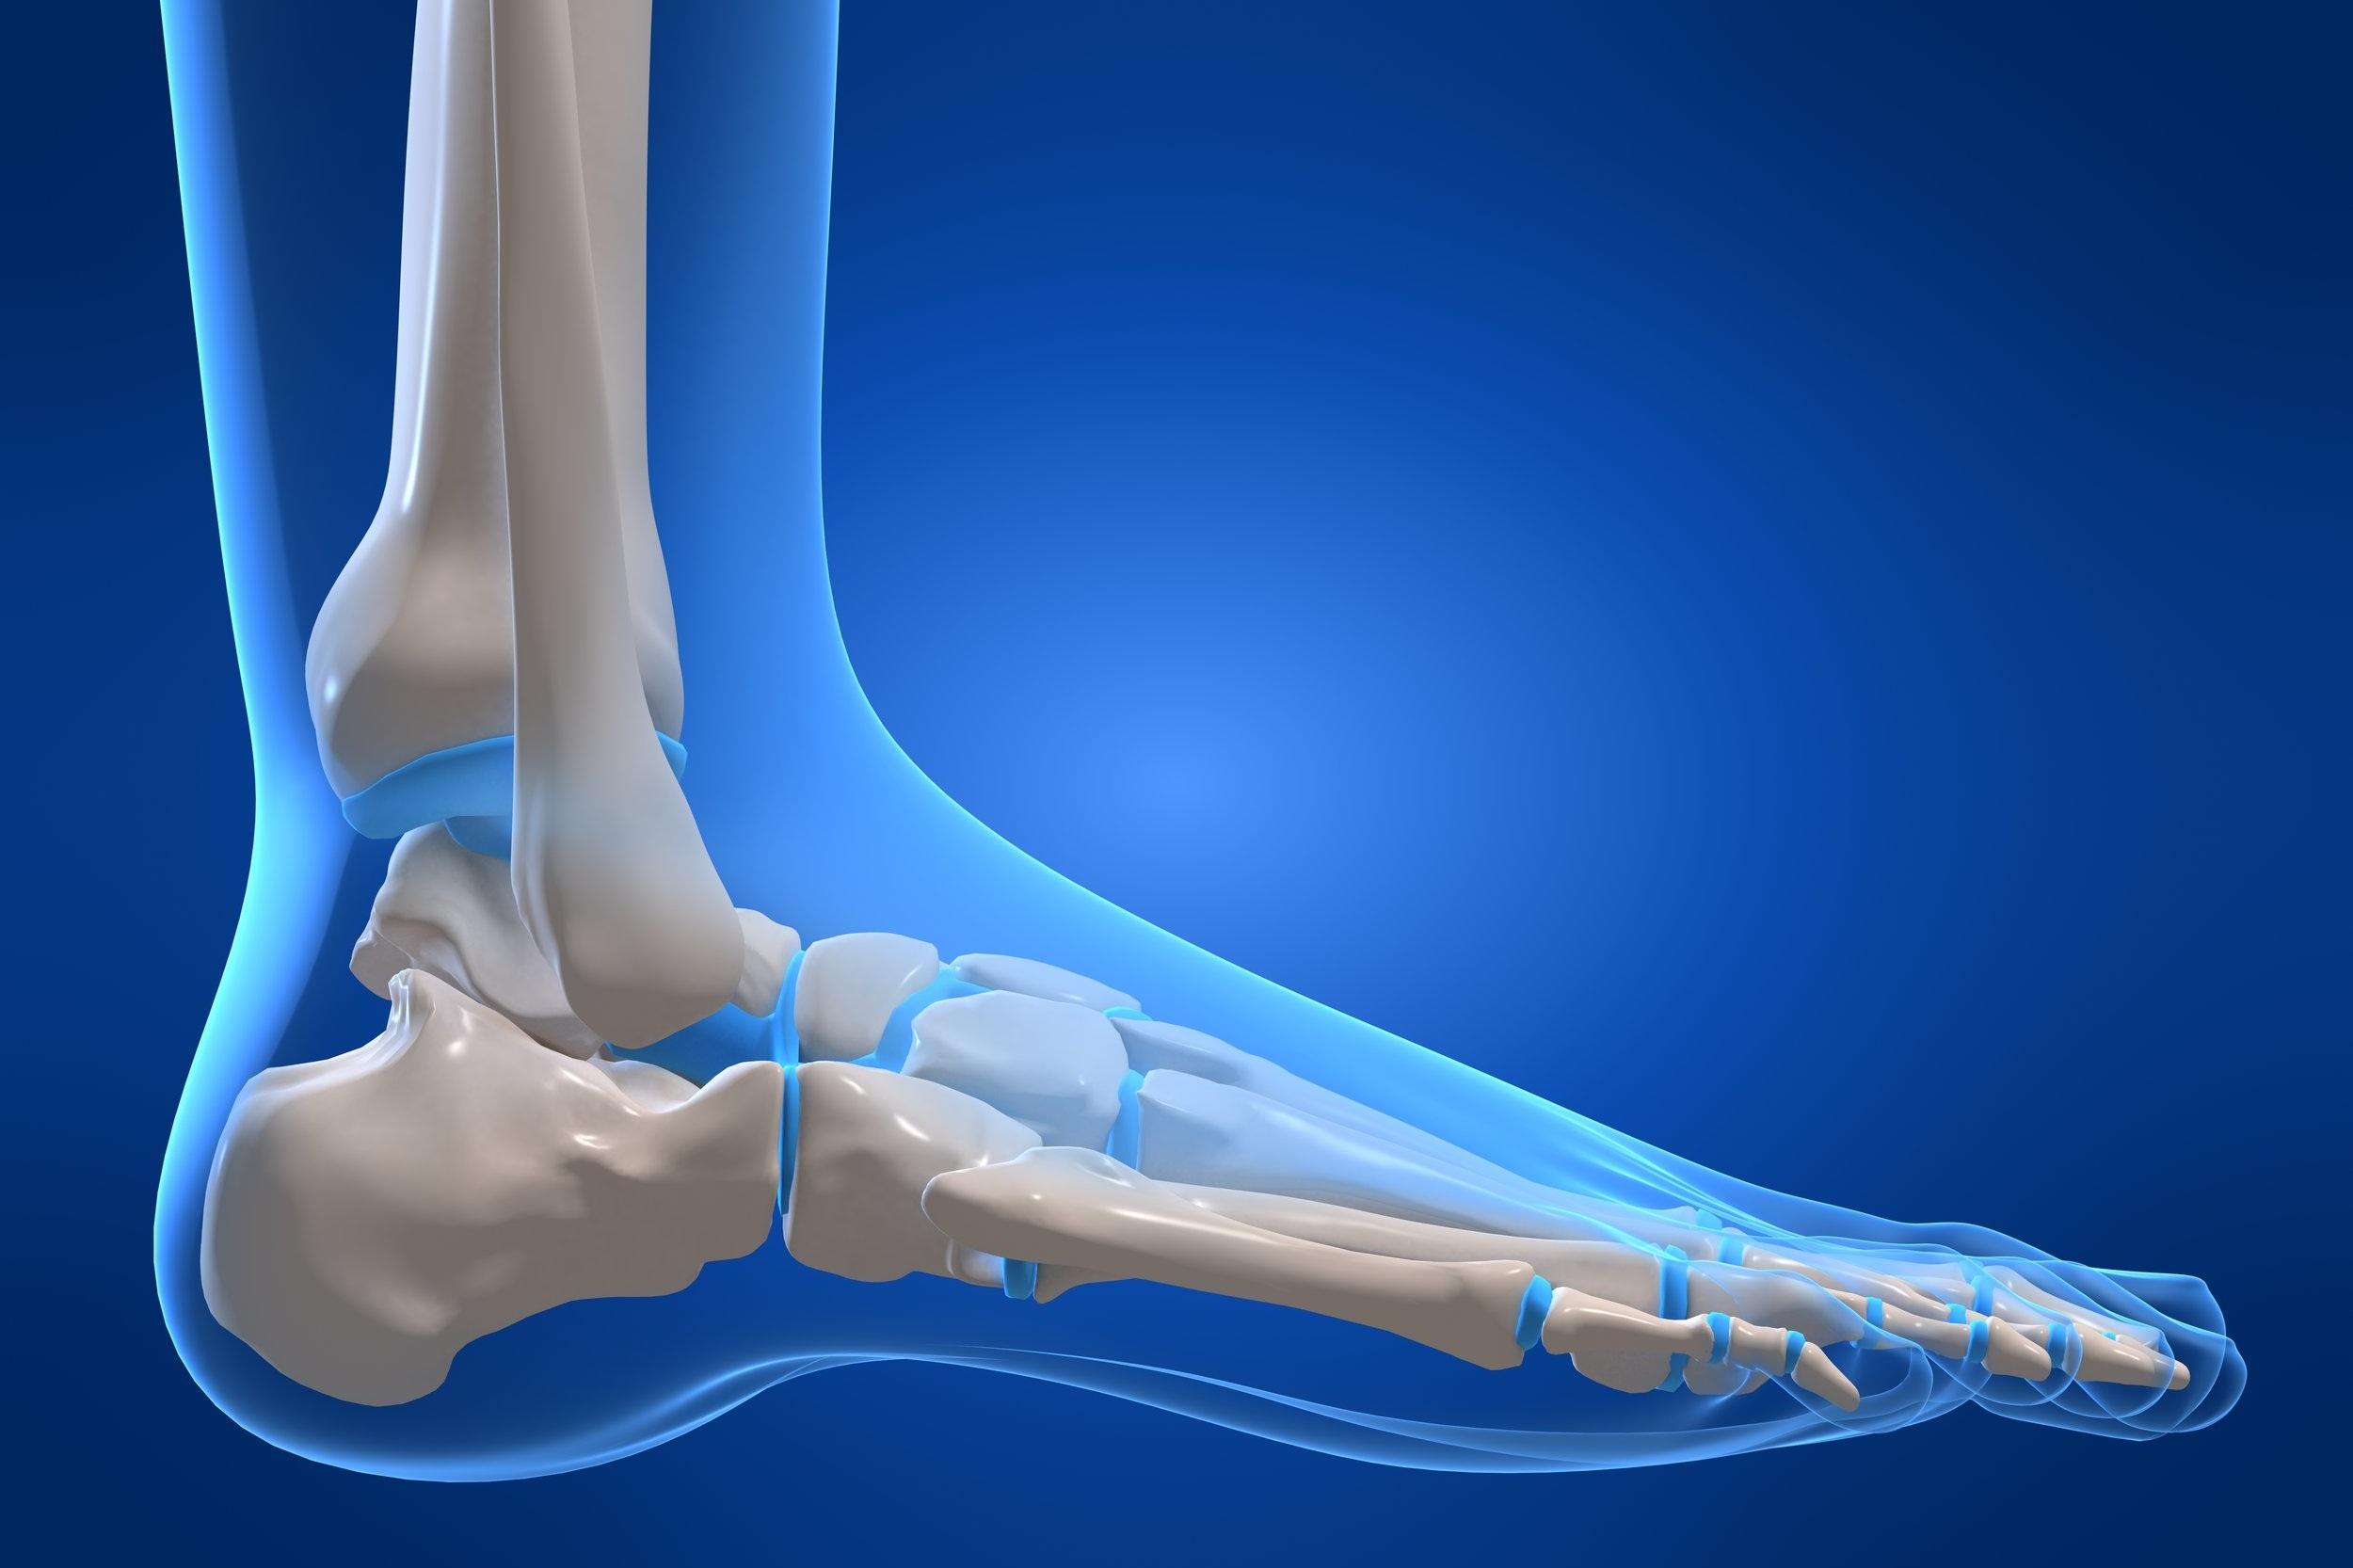 tampa fl foot doctor treats foot fractures, broken ankle, broken toes